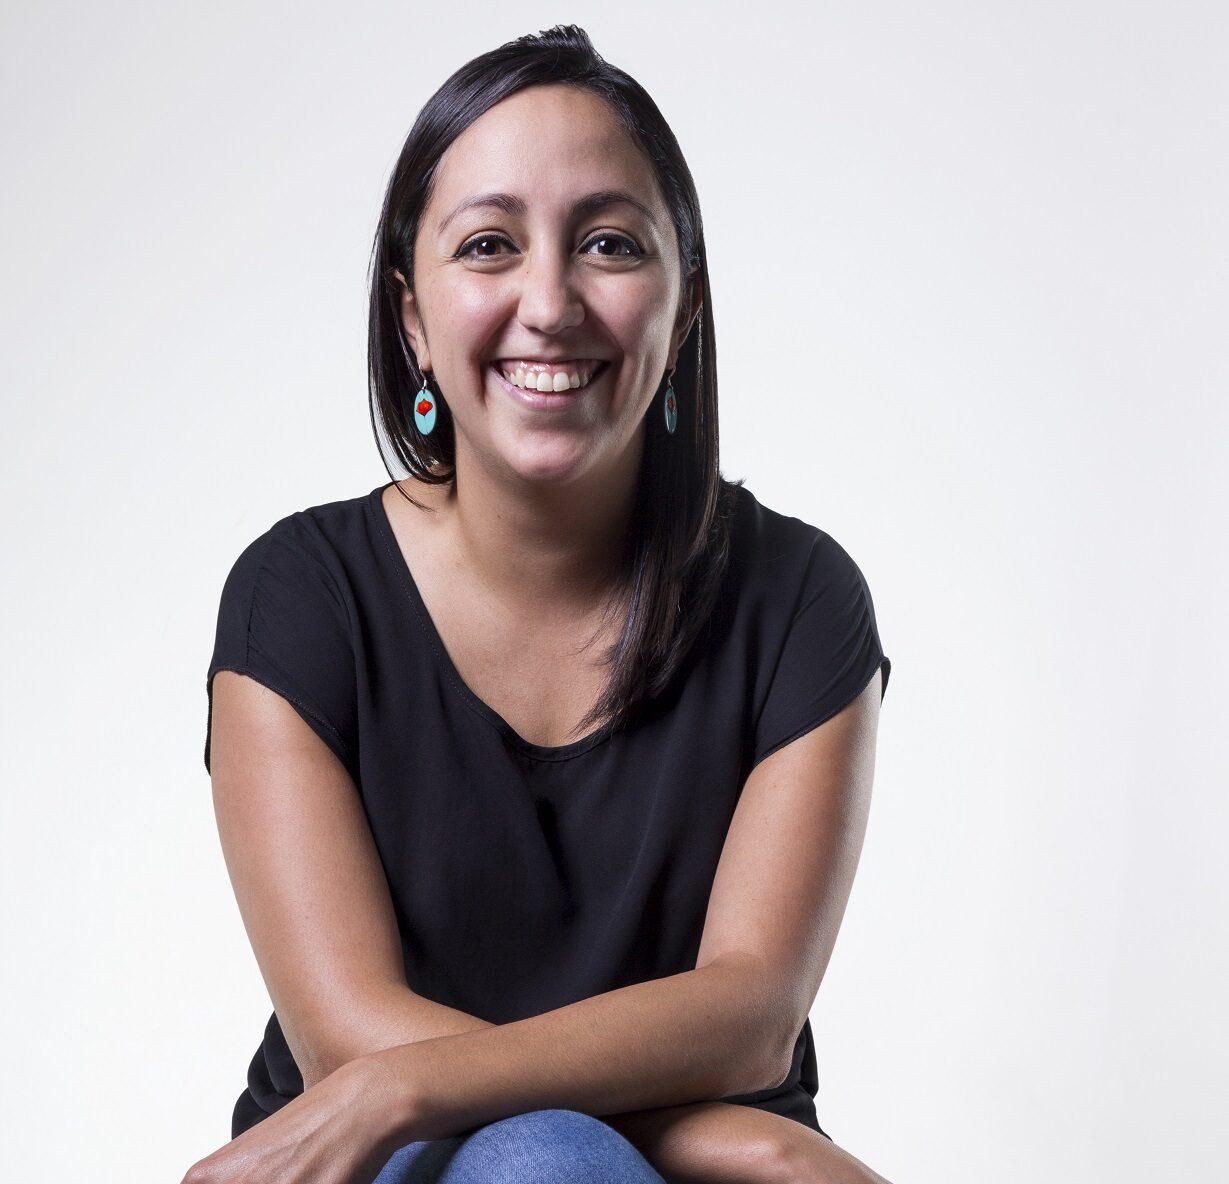 Ana Gabriela Chinchilla